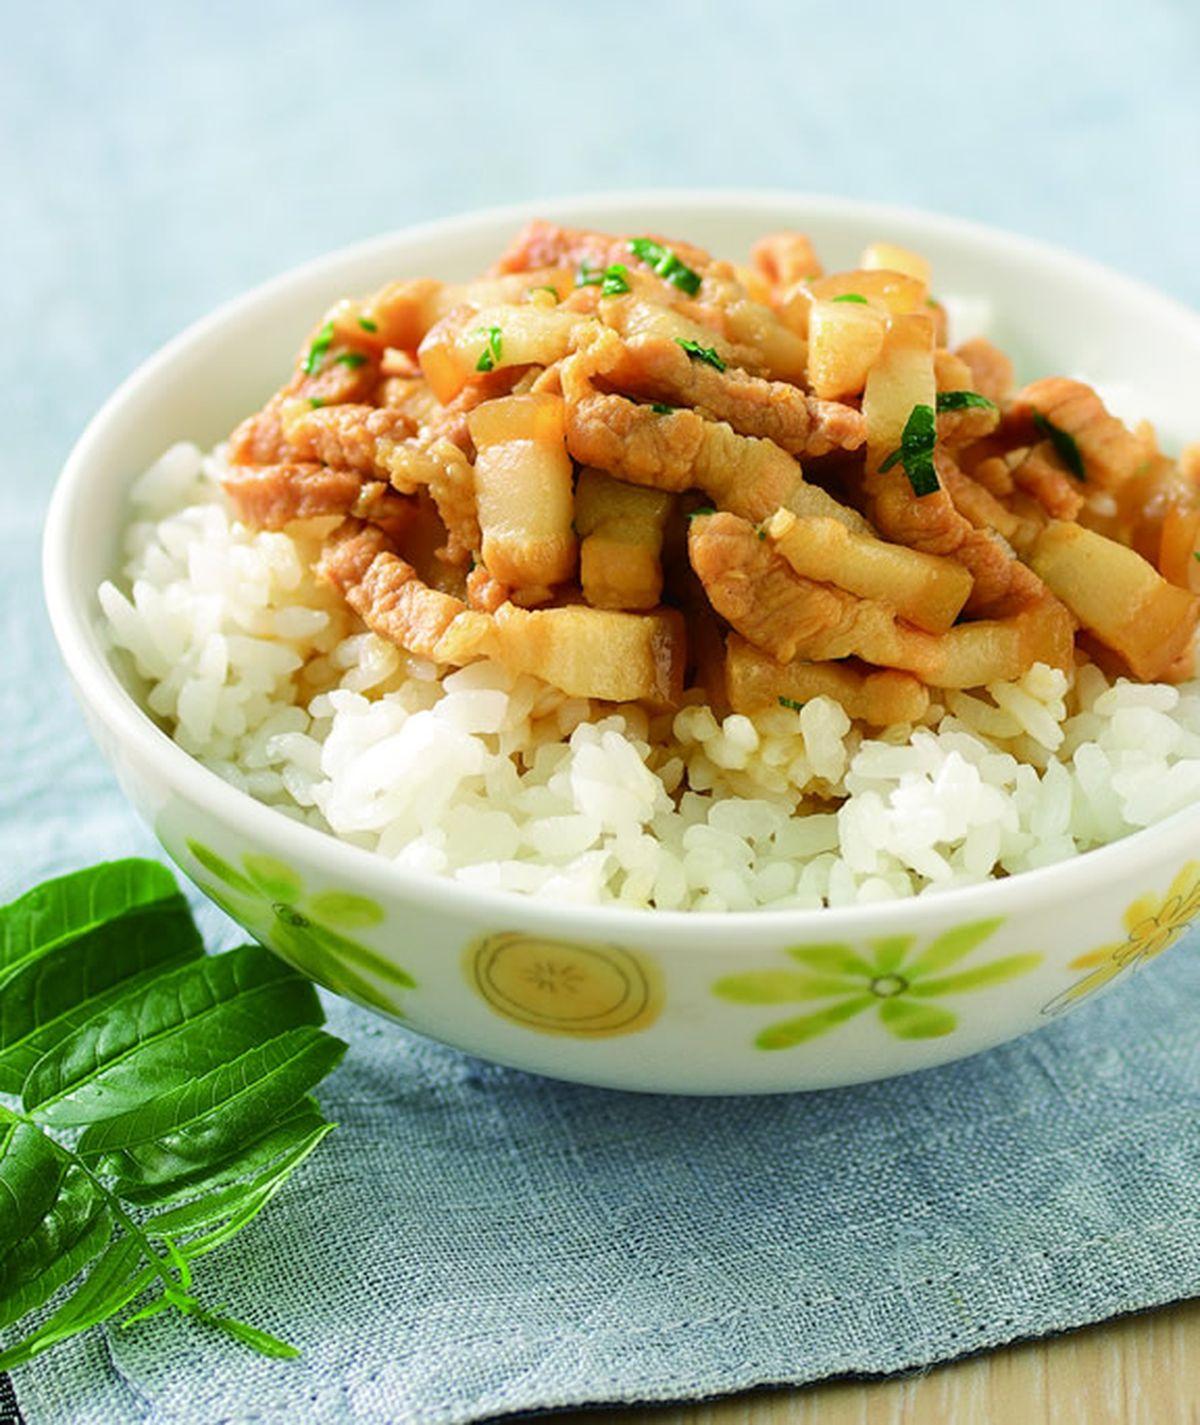 食譜:香椿滷肉飯